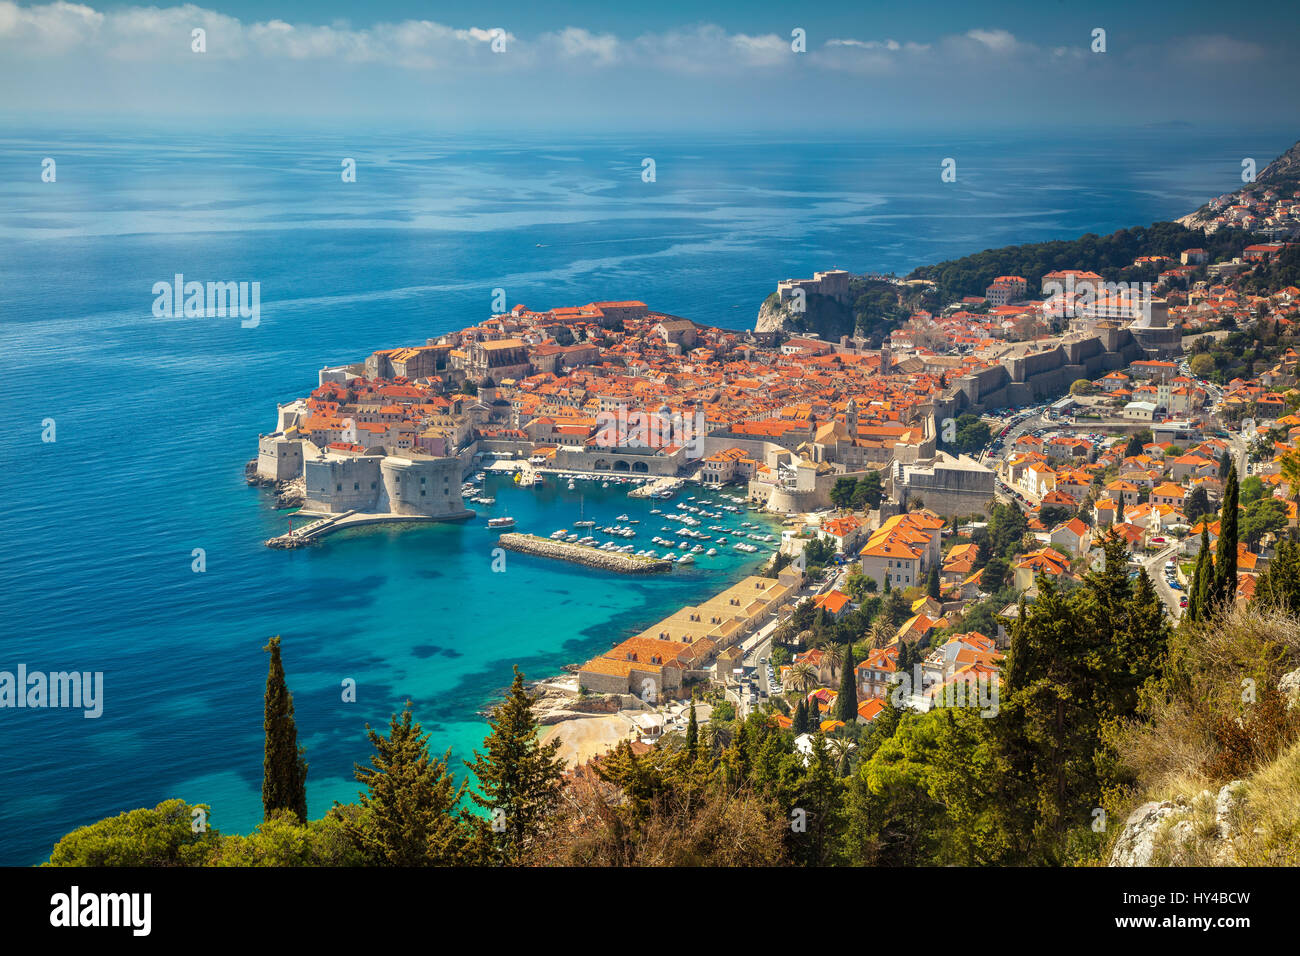 Dubrovnik, Croazia. Splendida e romantica città vecchia di Dubrovnik durante la giornata di sole, Croazia,l'Europa. Immagini Stock